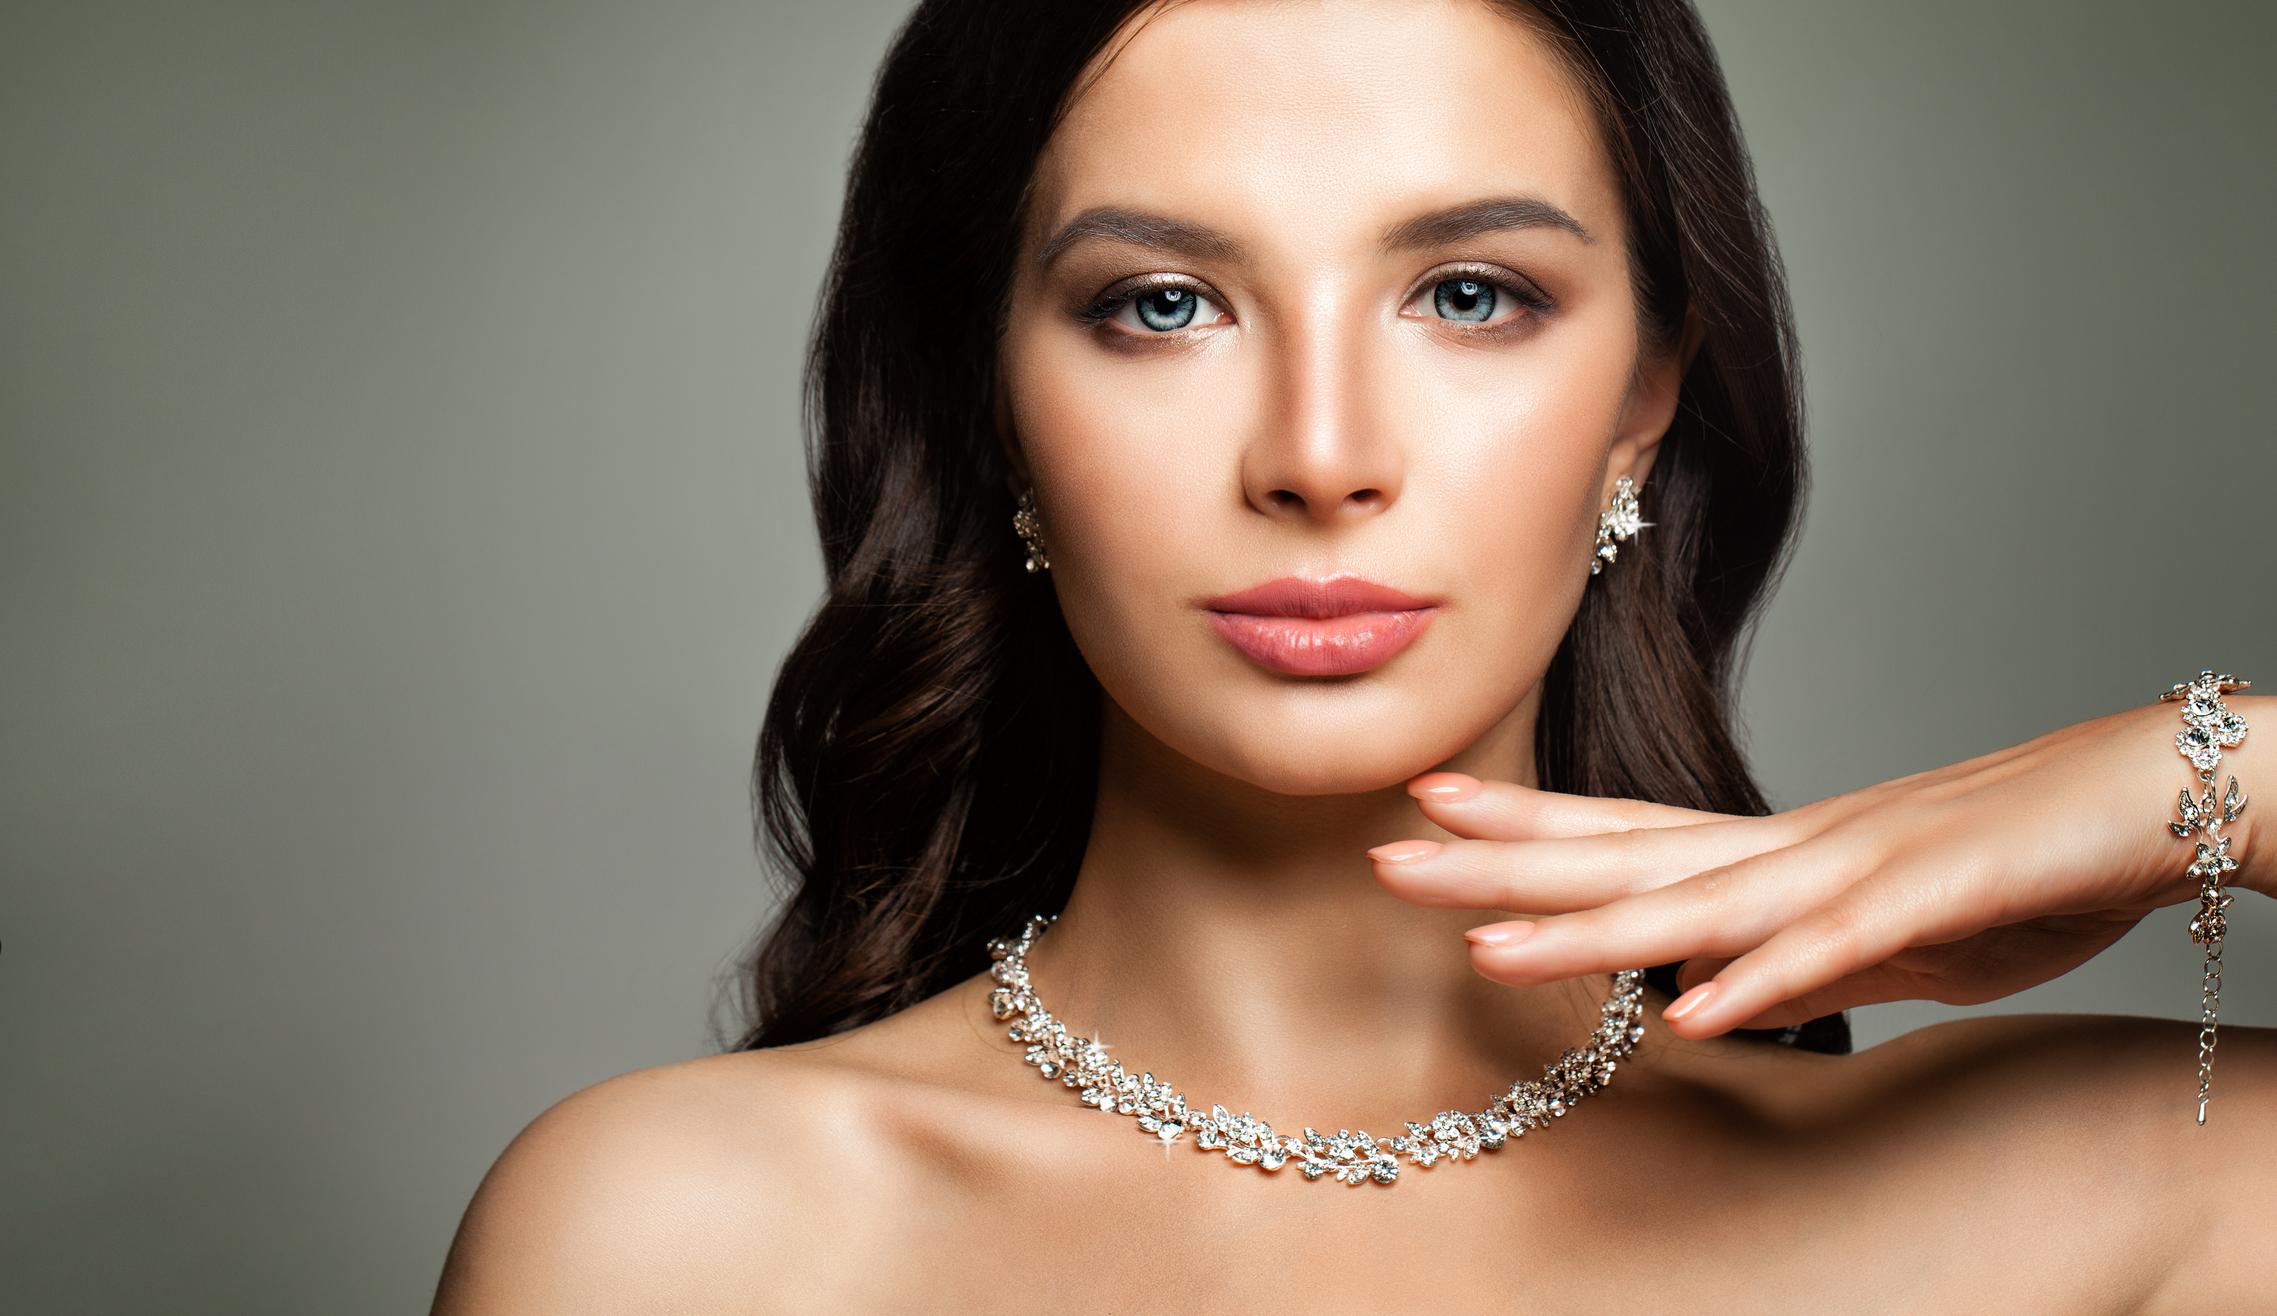 woman wearing diamonds